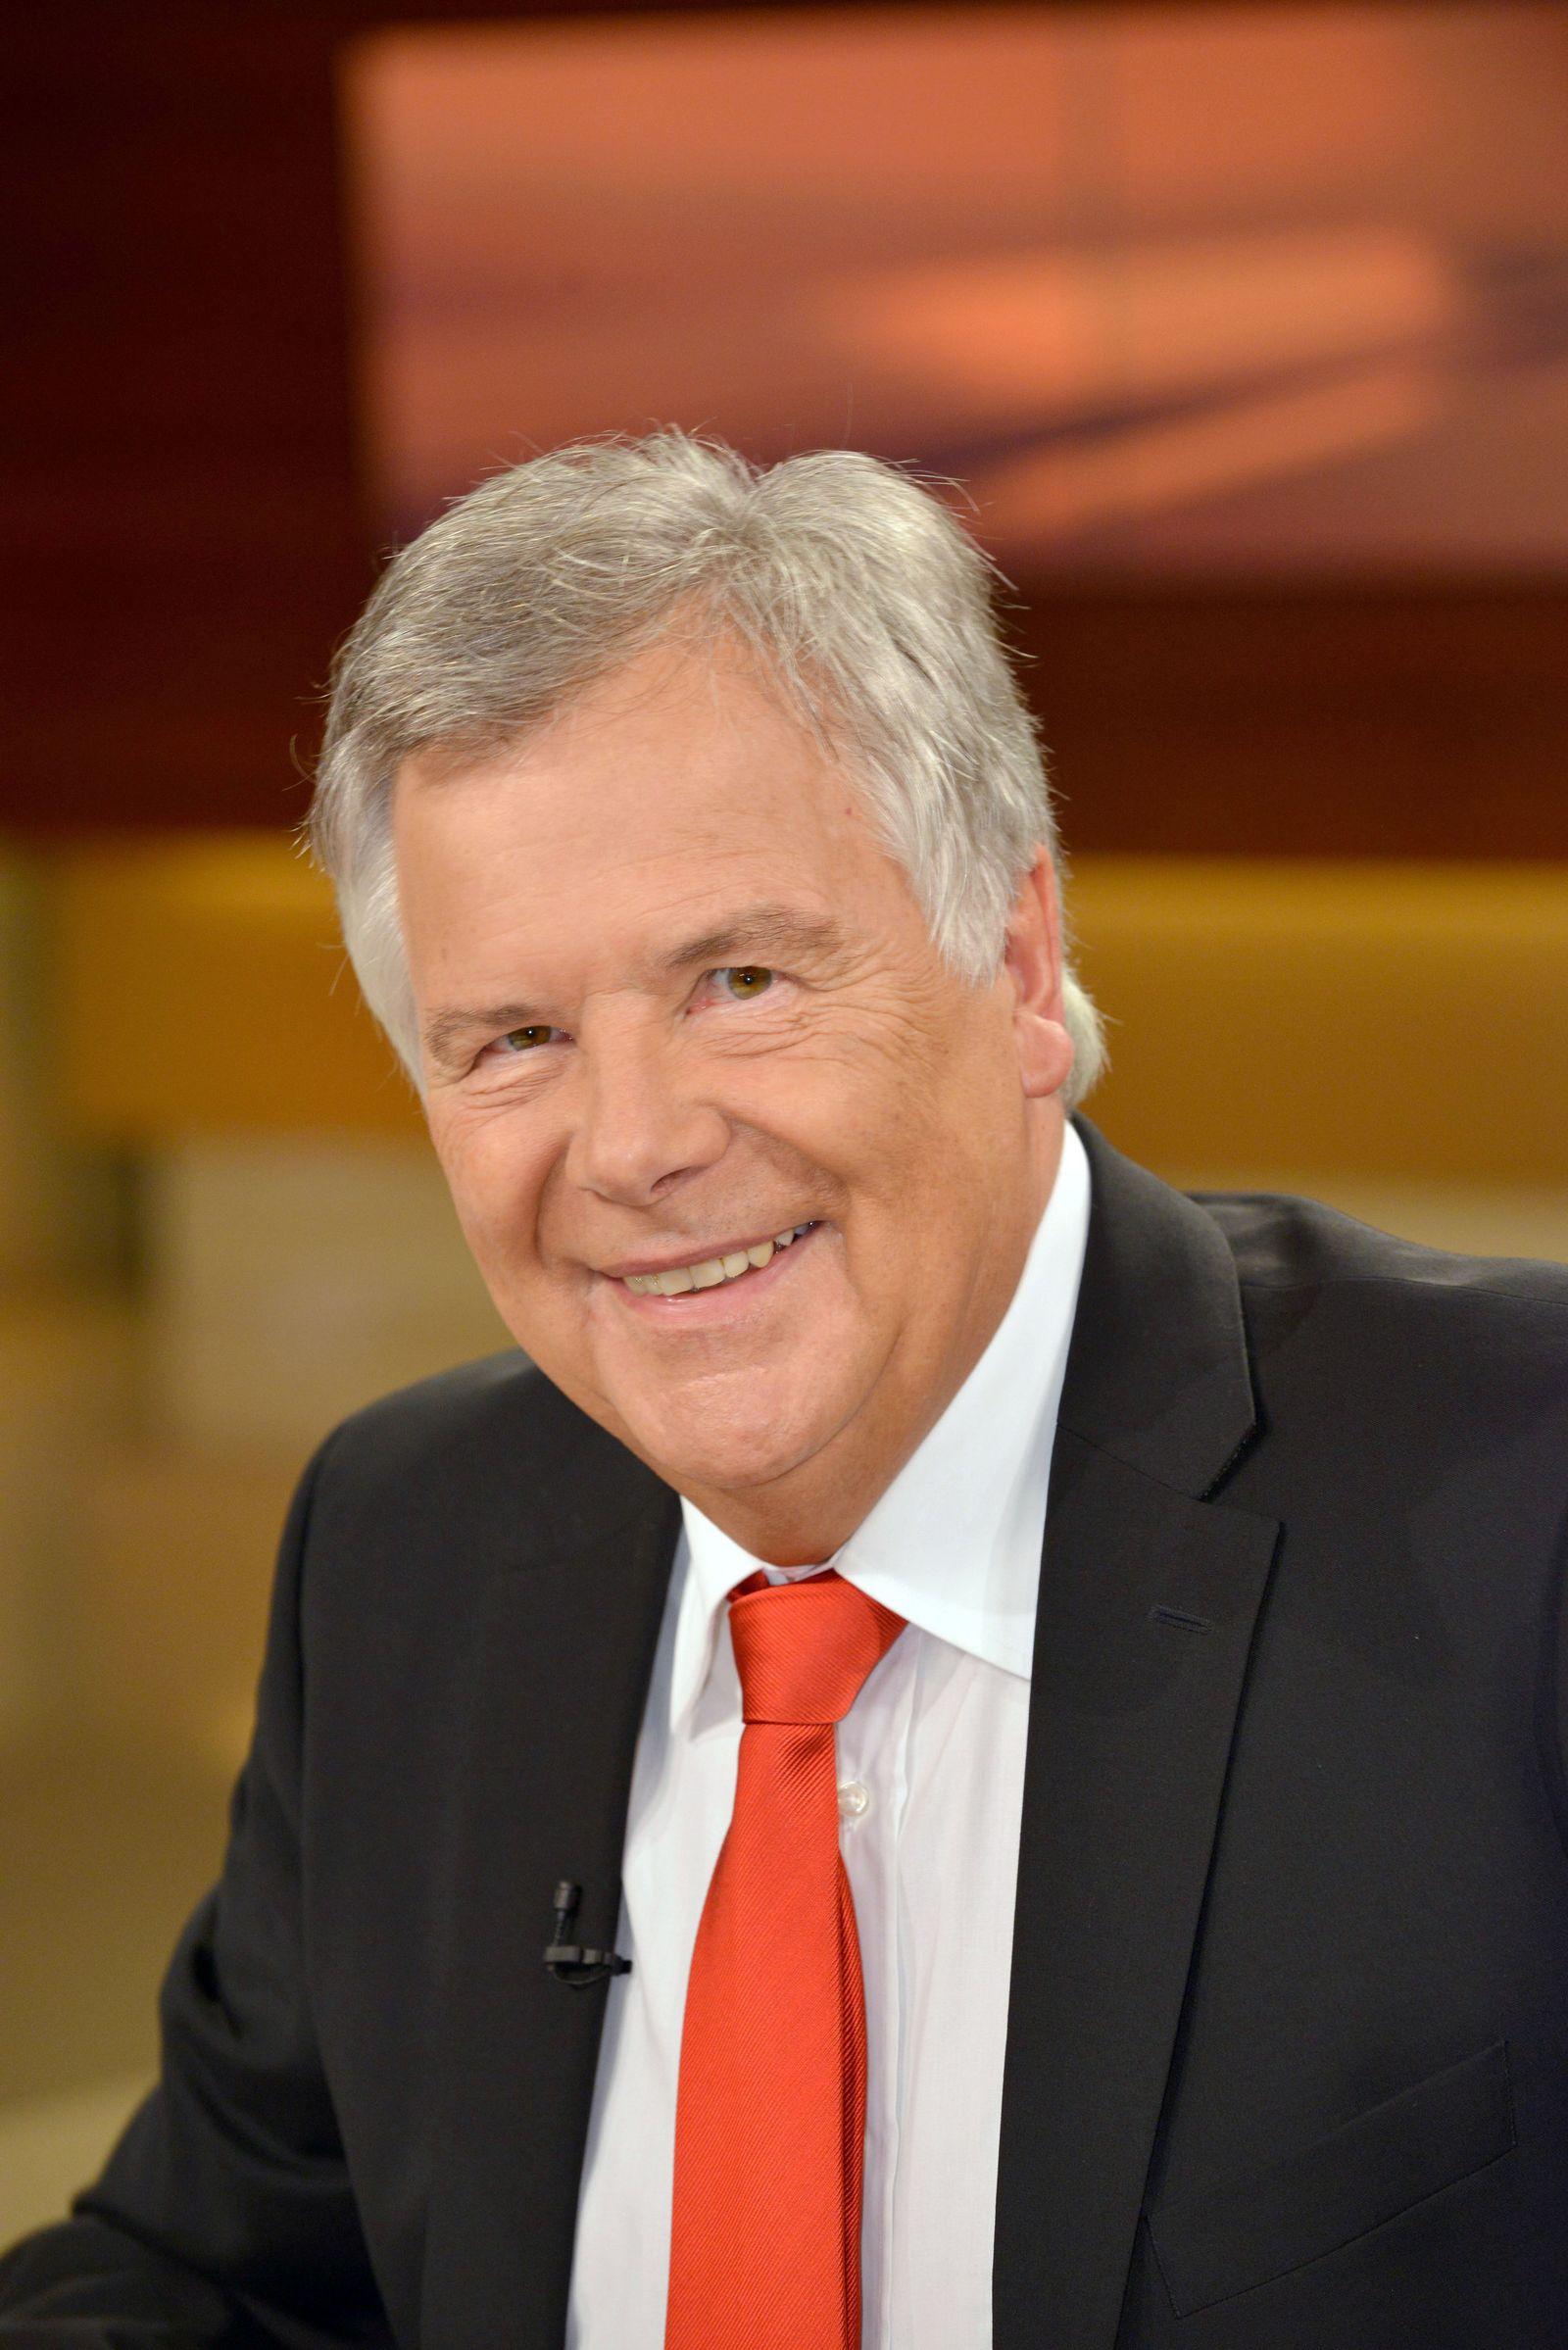 Hans Rudolf Wöhrl